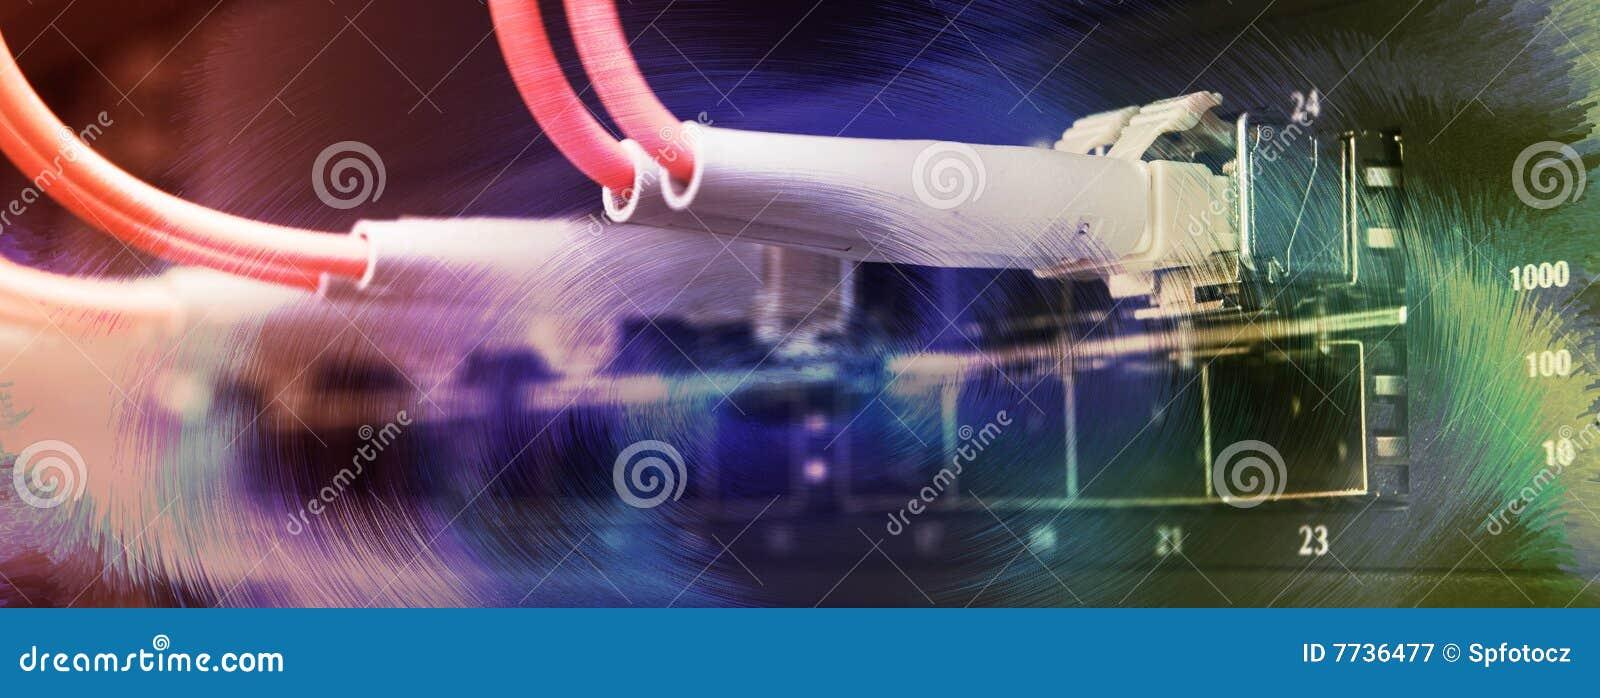 Kabli związana włókna światłowodowego zmiana